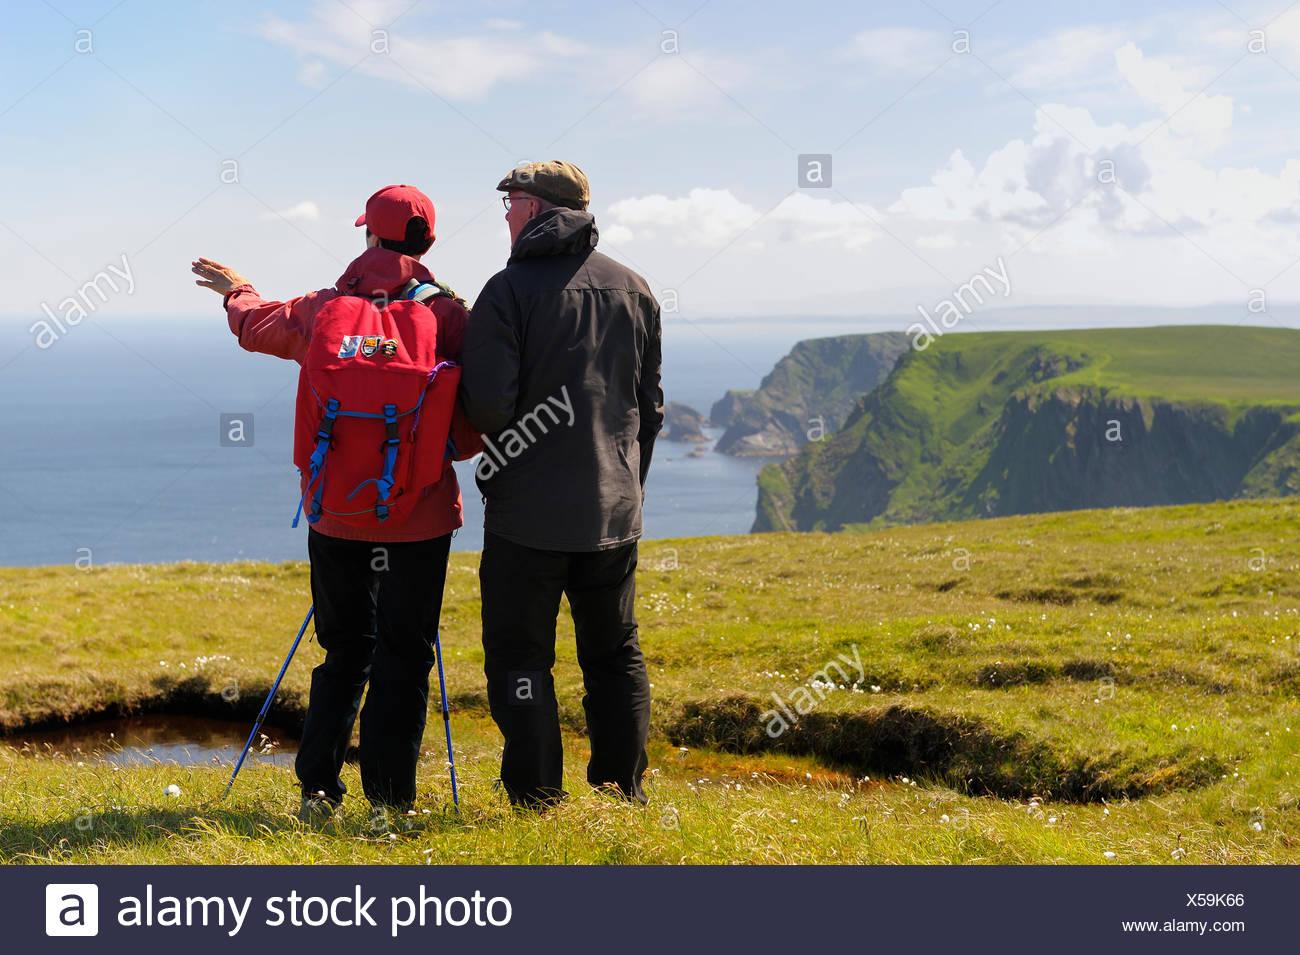 Reino Unido, Escocia, Islas Shetland, Unst, Hermaness, Senior Pareja mirando el mar desde el acantilado de hierba Imagen De Stock